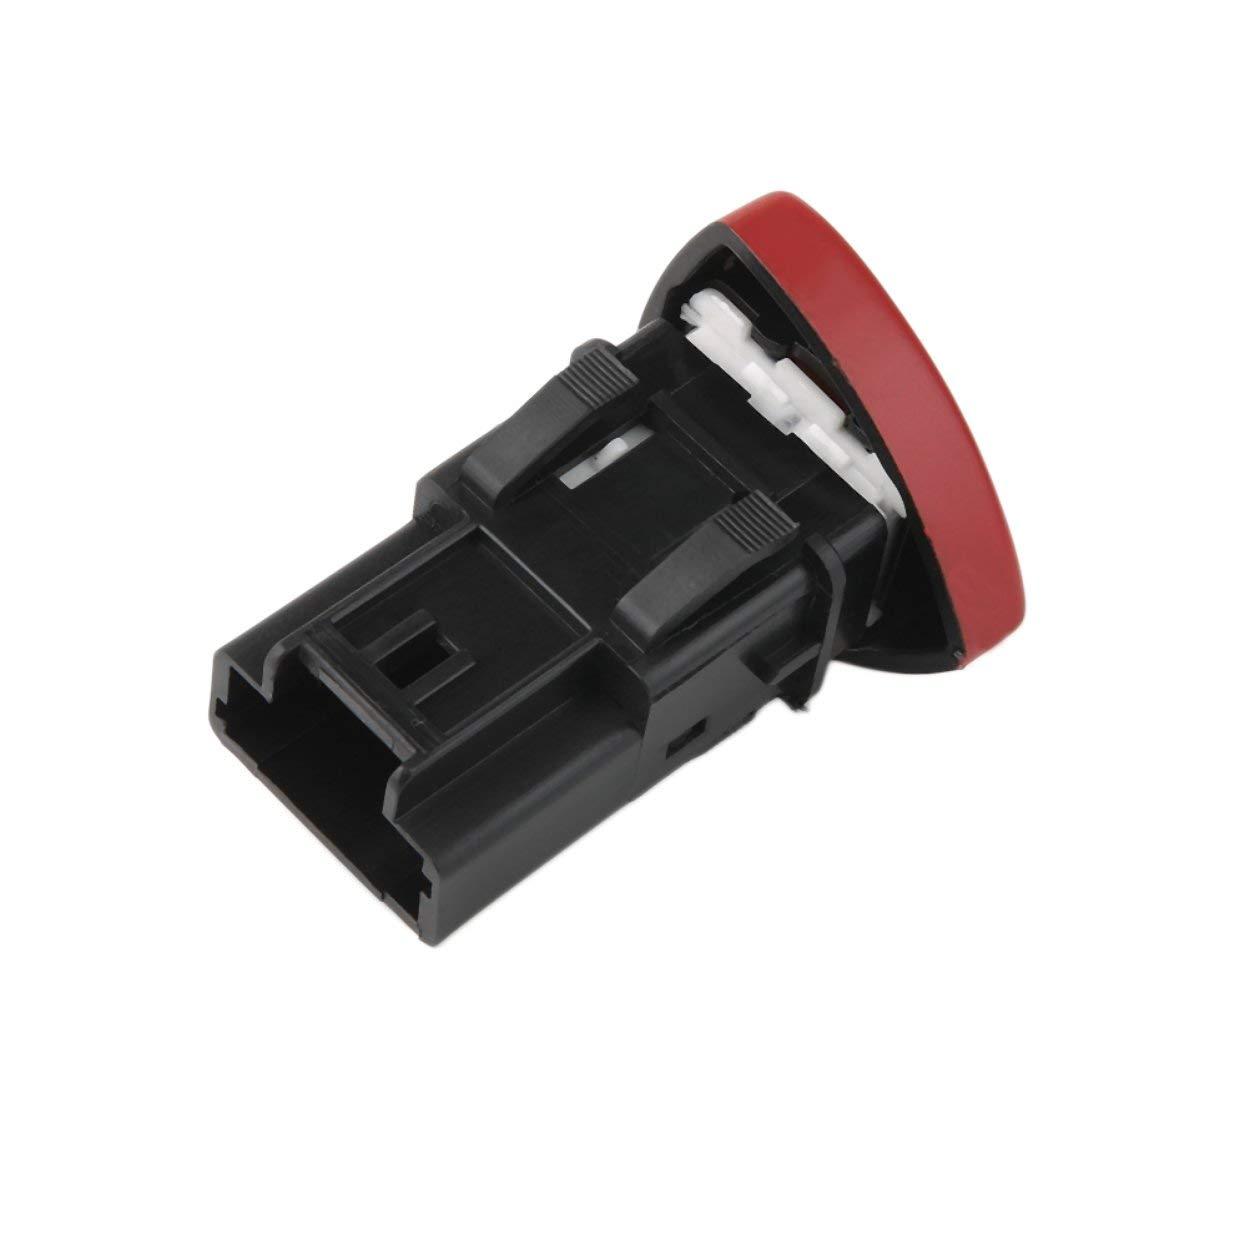 Trafic II Vauxhall 01-14 Interruptor de Advertencia bot/ón Rojo Hazard Emergencia Intermitente para Renault Laguna Maestro